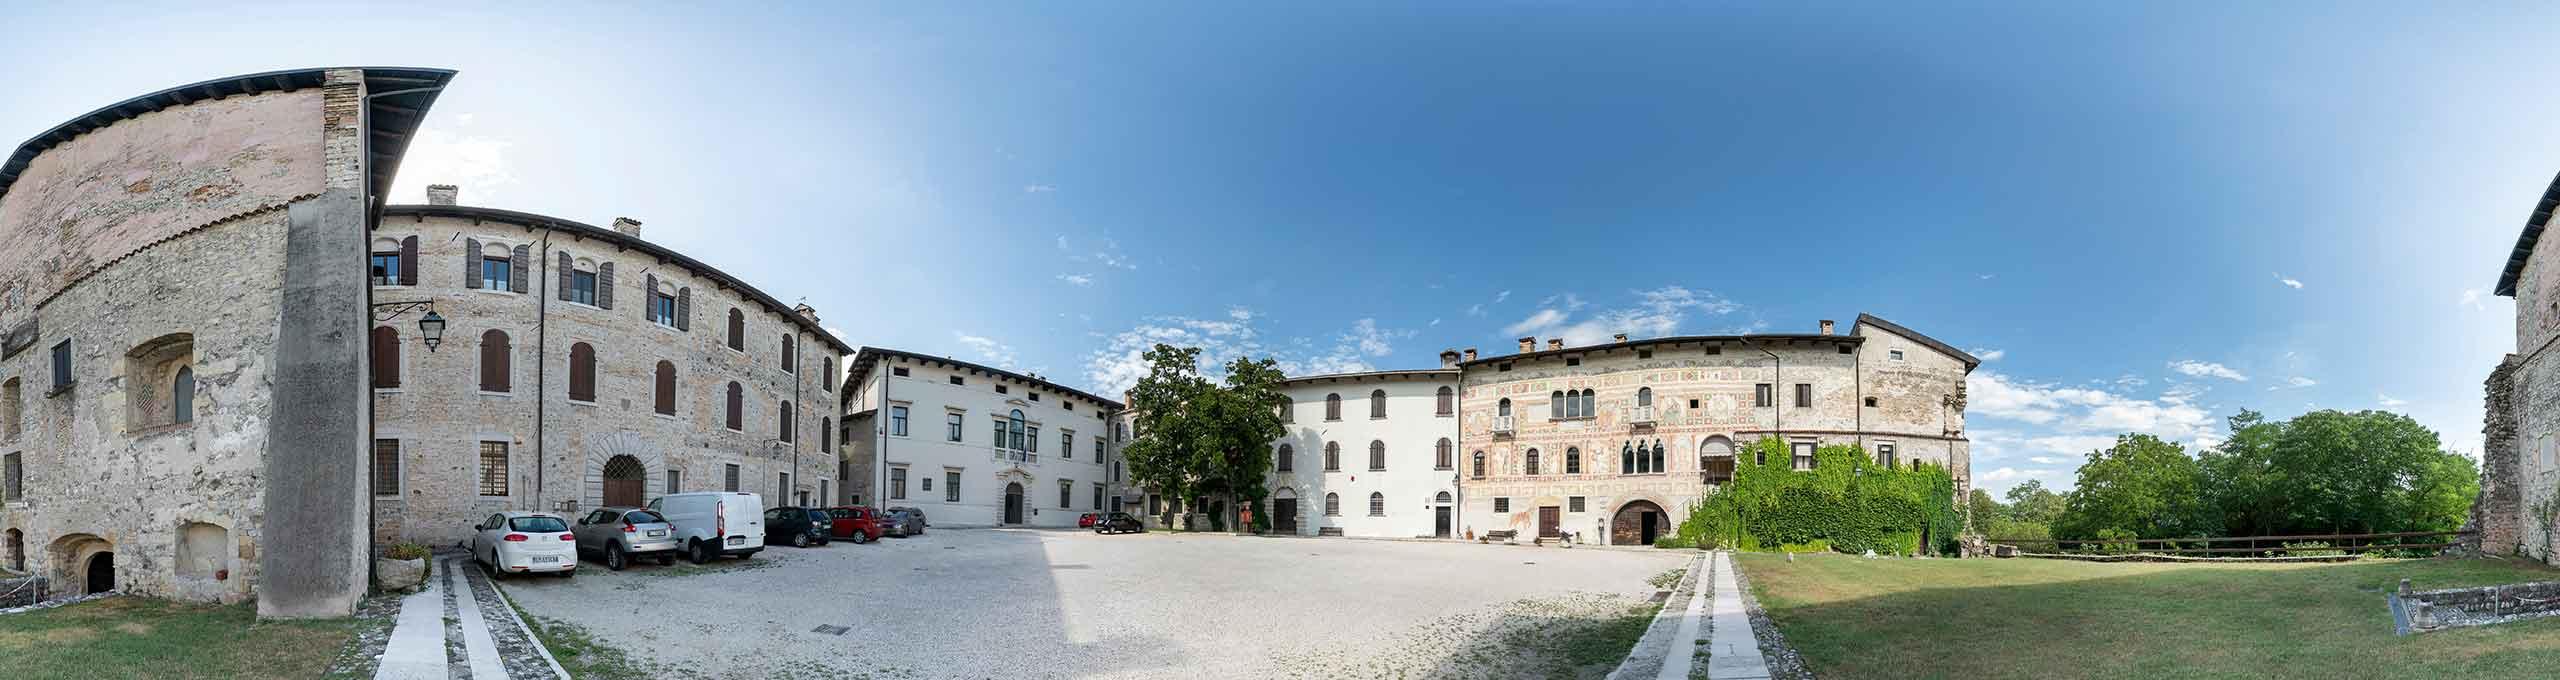 Castello di Spilimbergo, Pordenone e dintorni